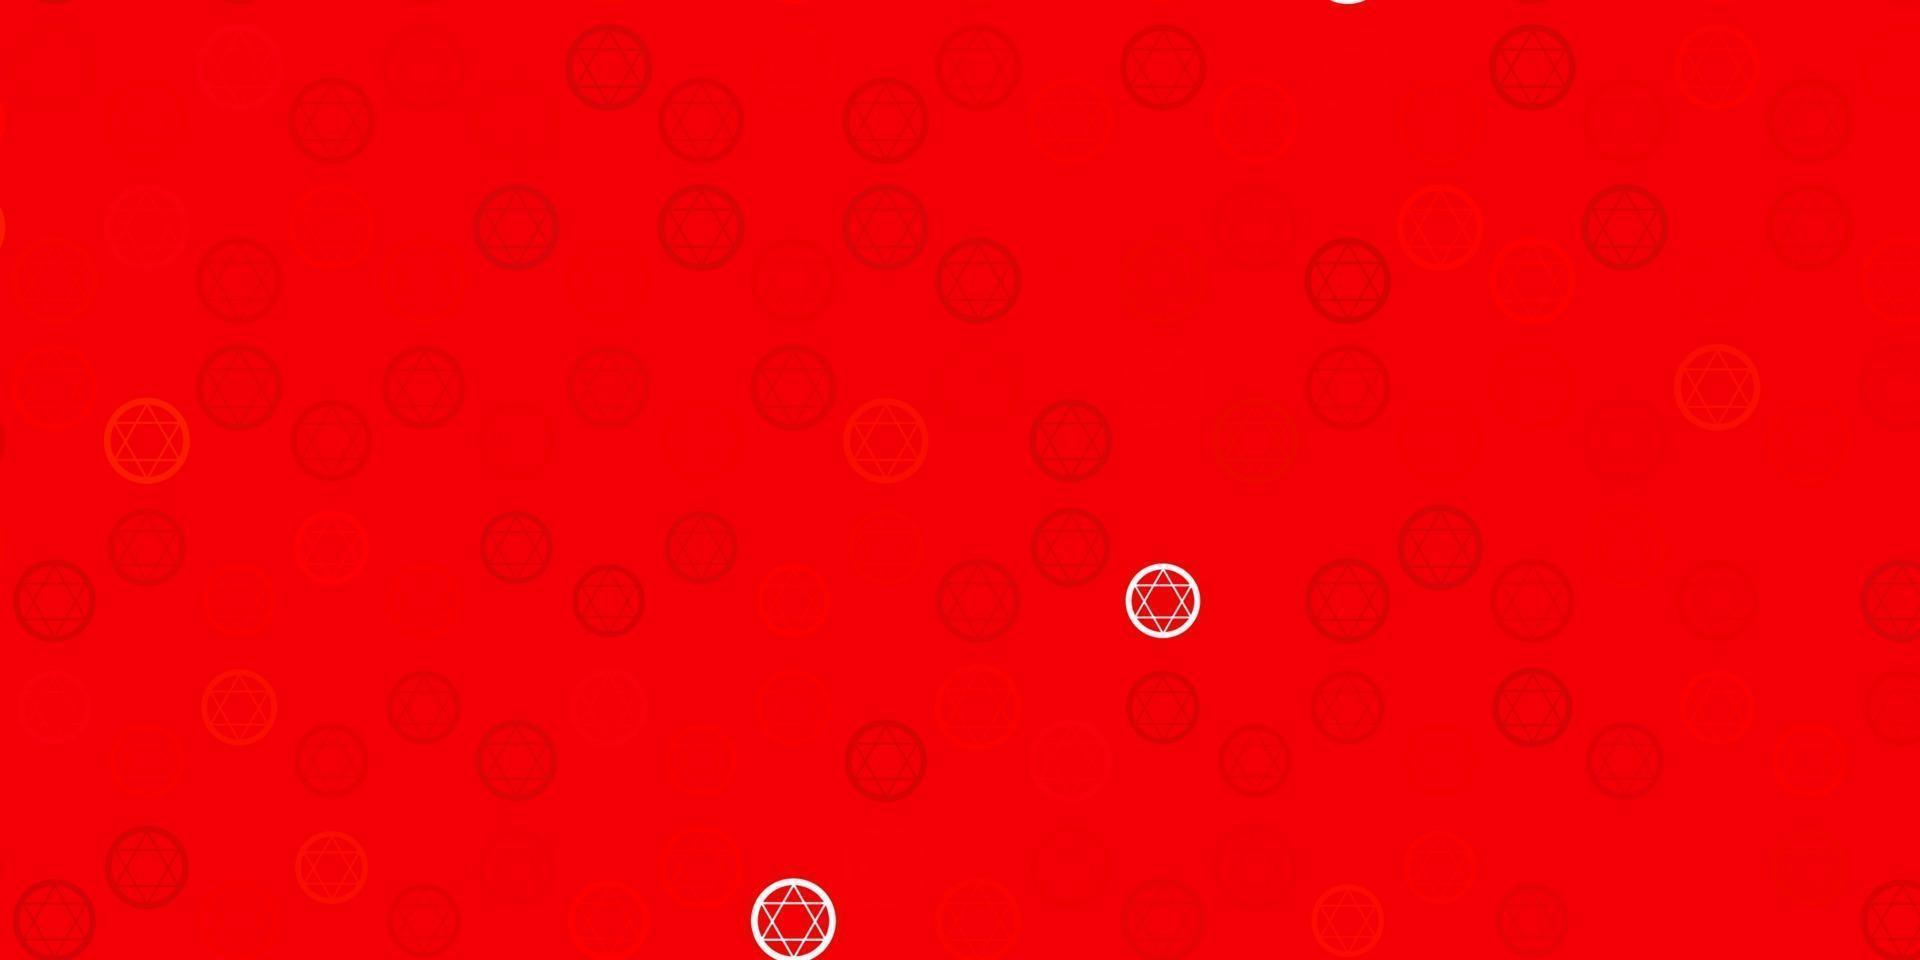 trama vettoriale rosso chiaro con simboli religiosi.